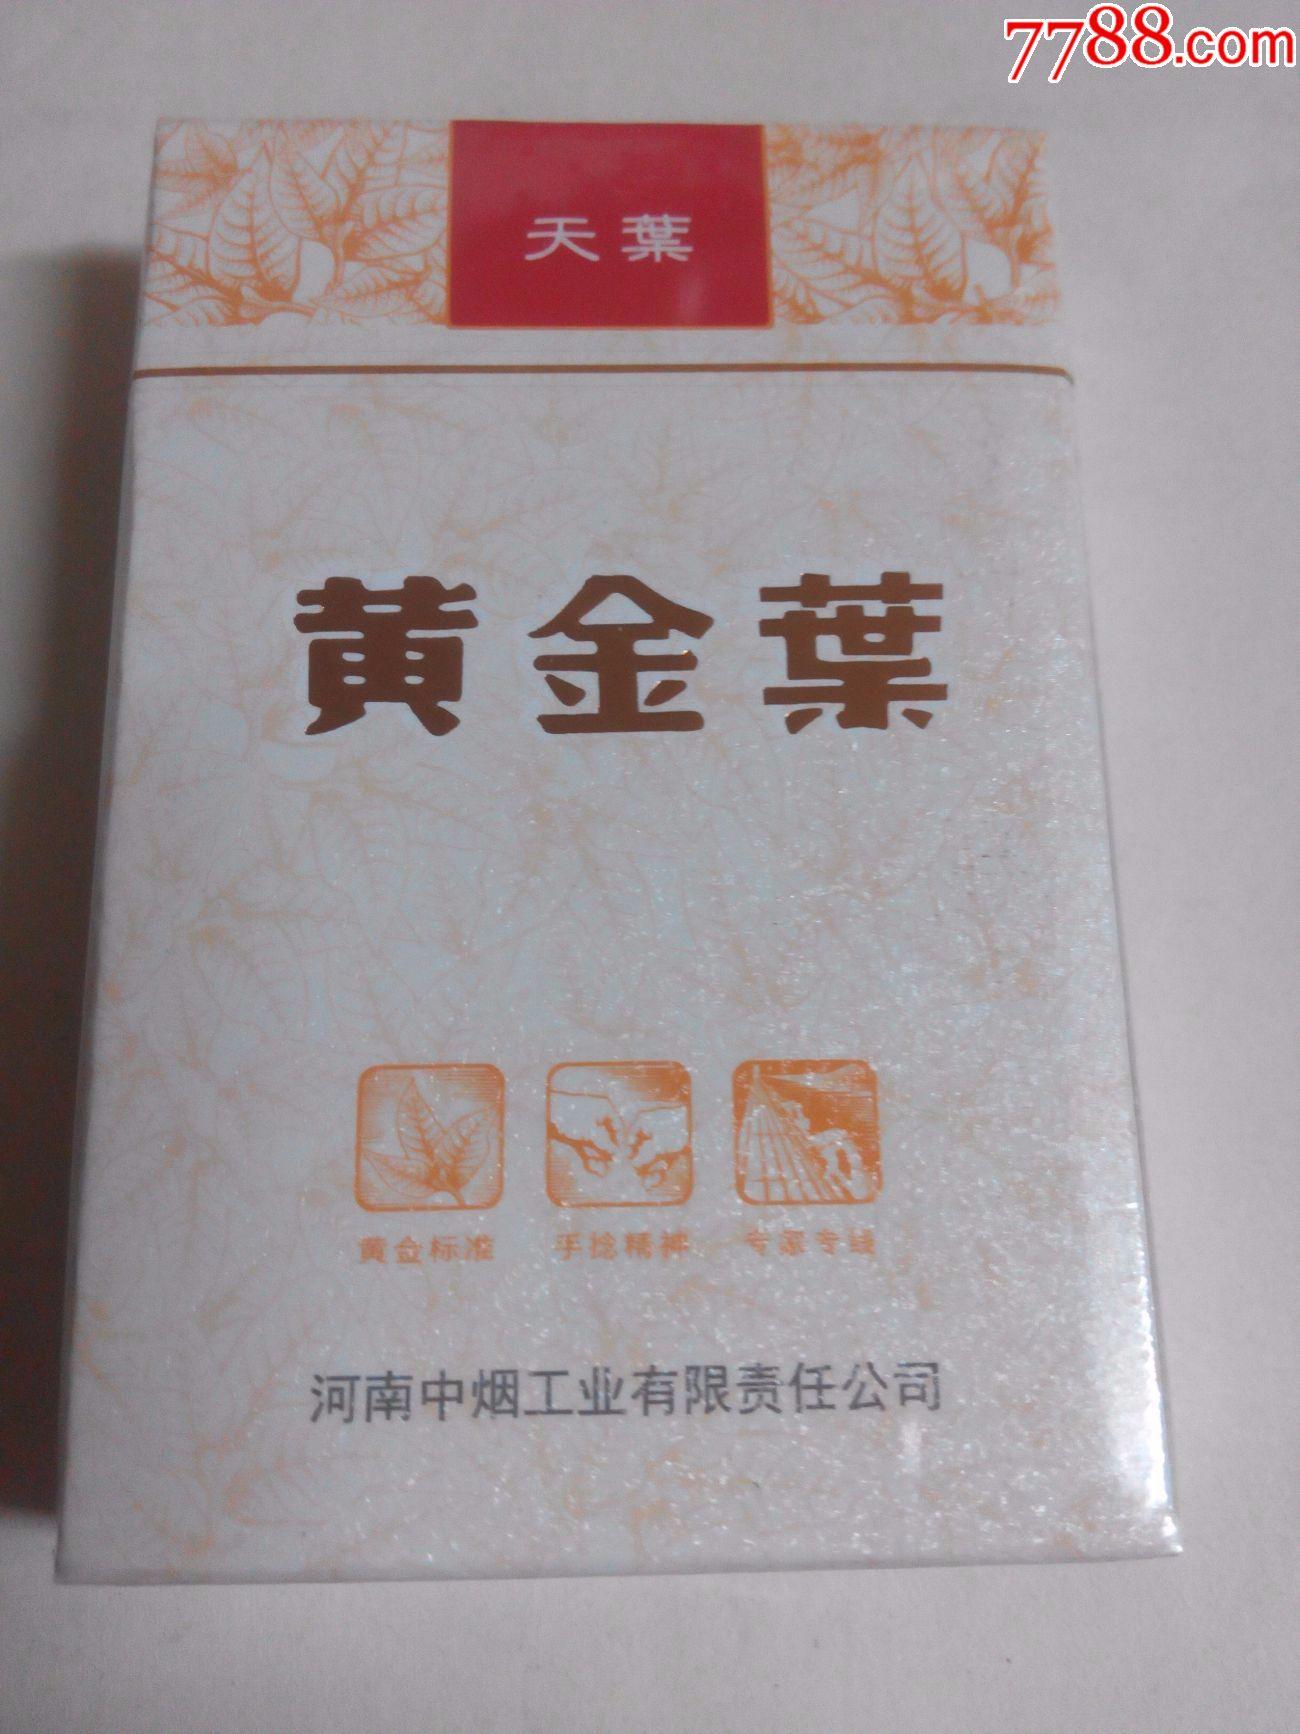 黄金叶(天叶)香烟广告扑克(全新,未使用)图片